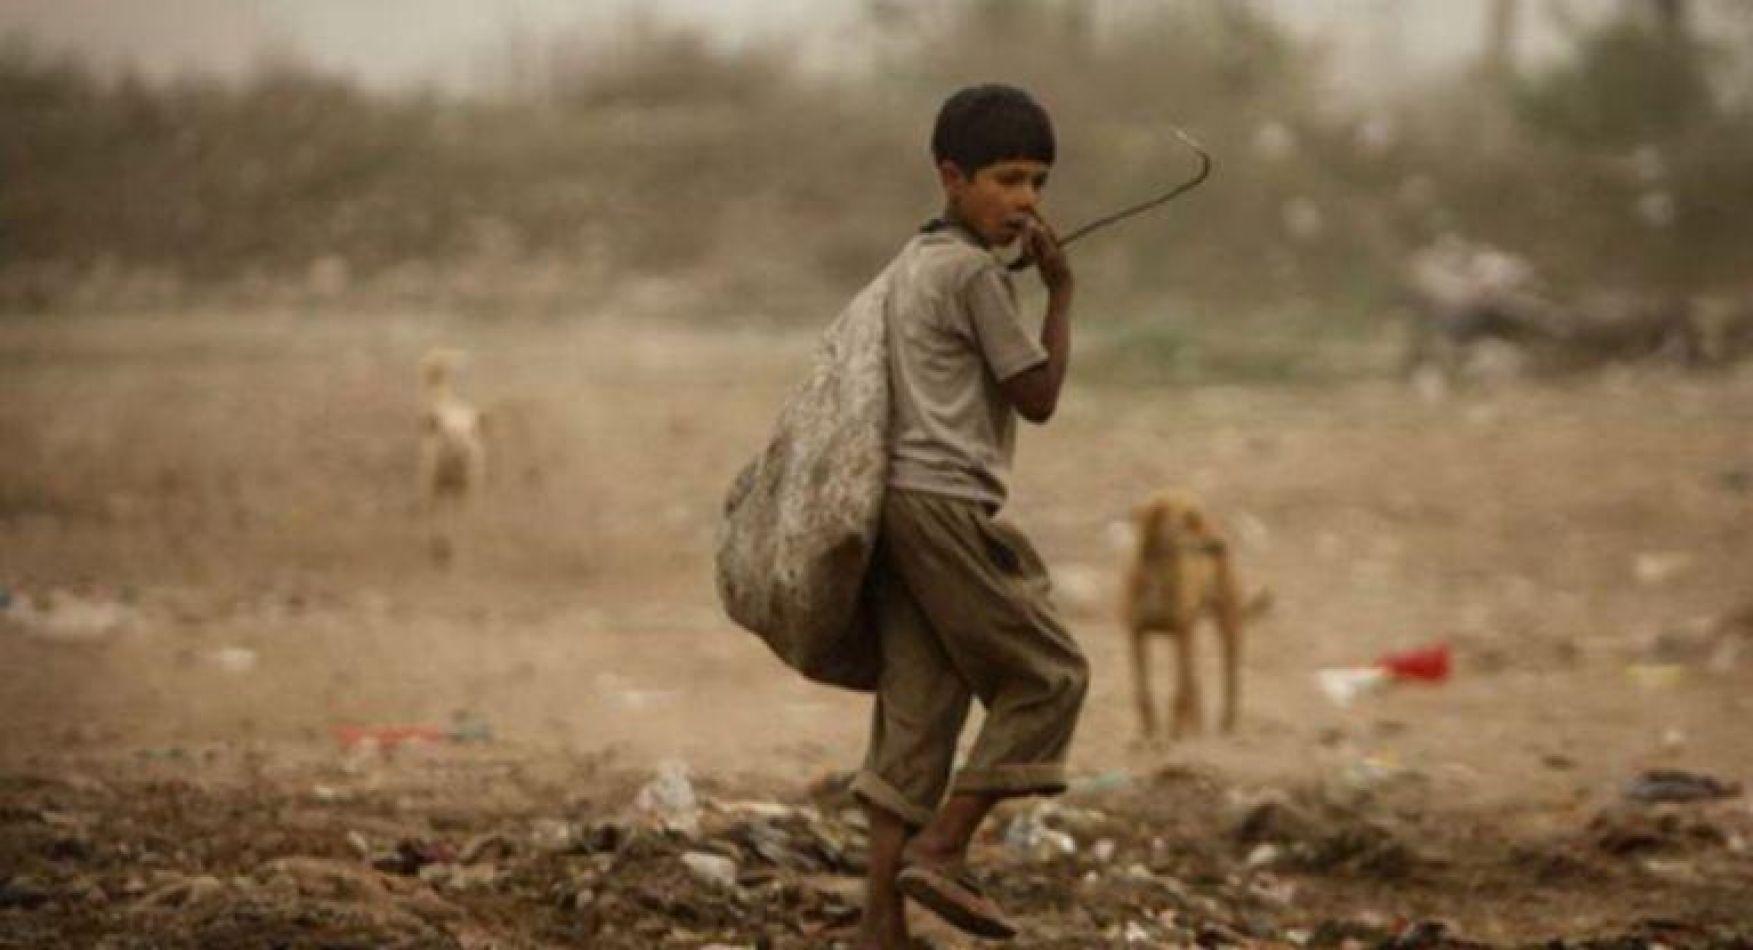 Una cuarta parte de la población mundial, viven en la pobreza y de ese universo la mitad son menores de 18 años.res de 18 años,